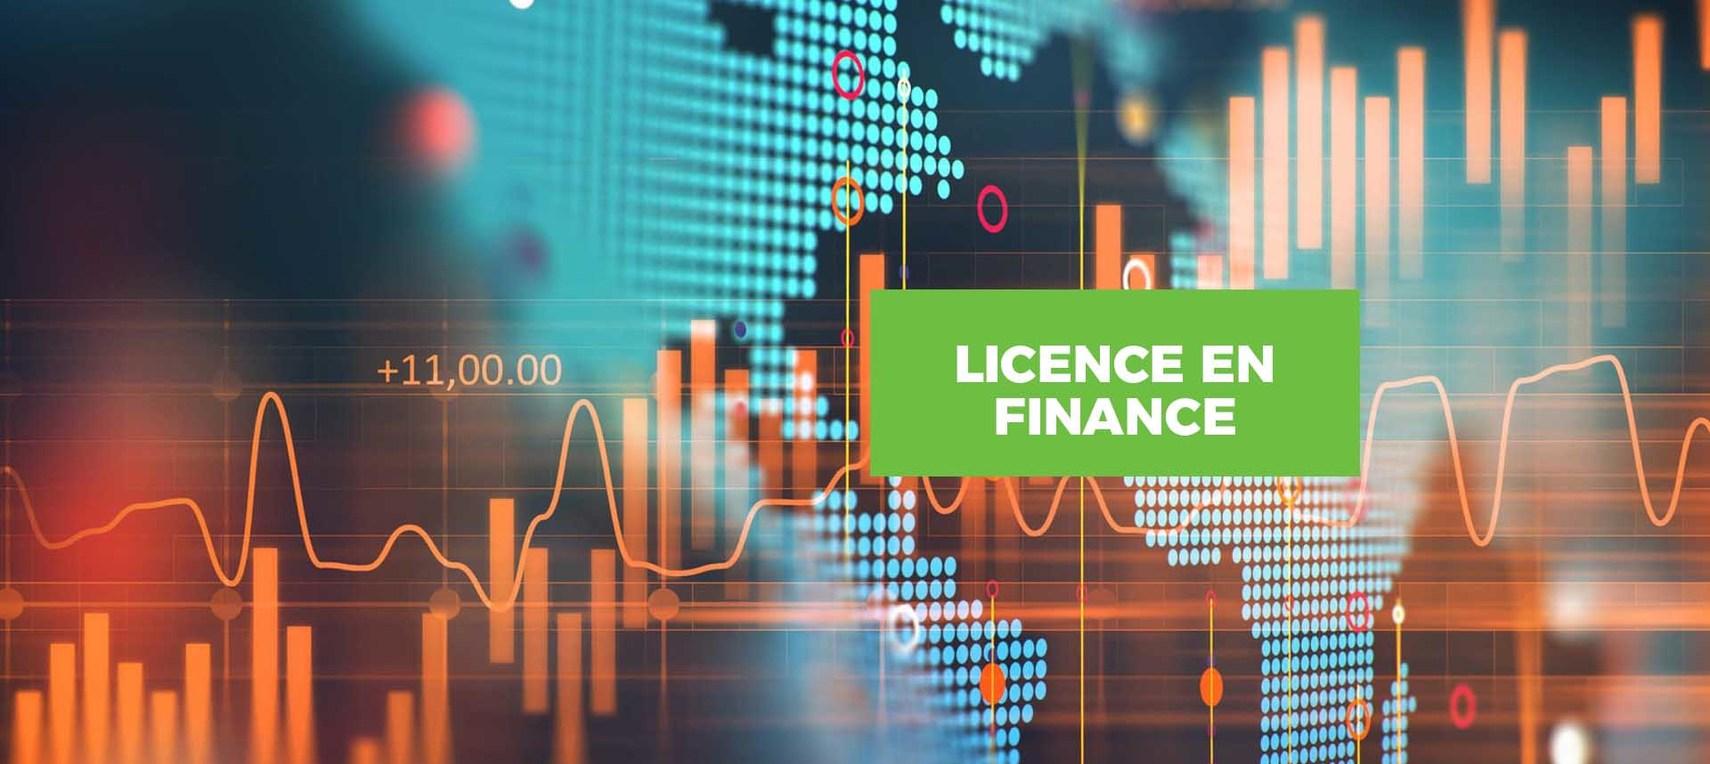 Licence en Finance